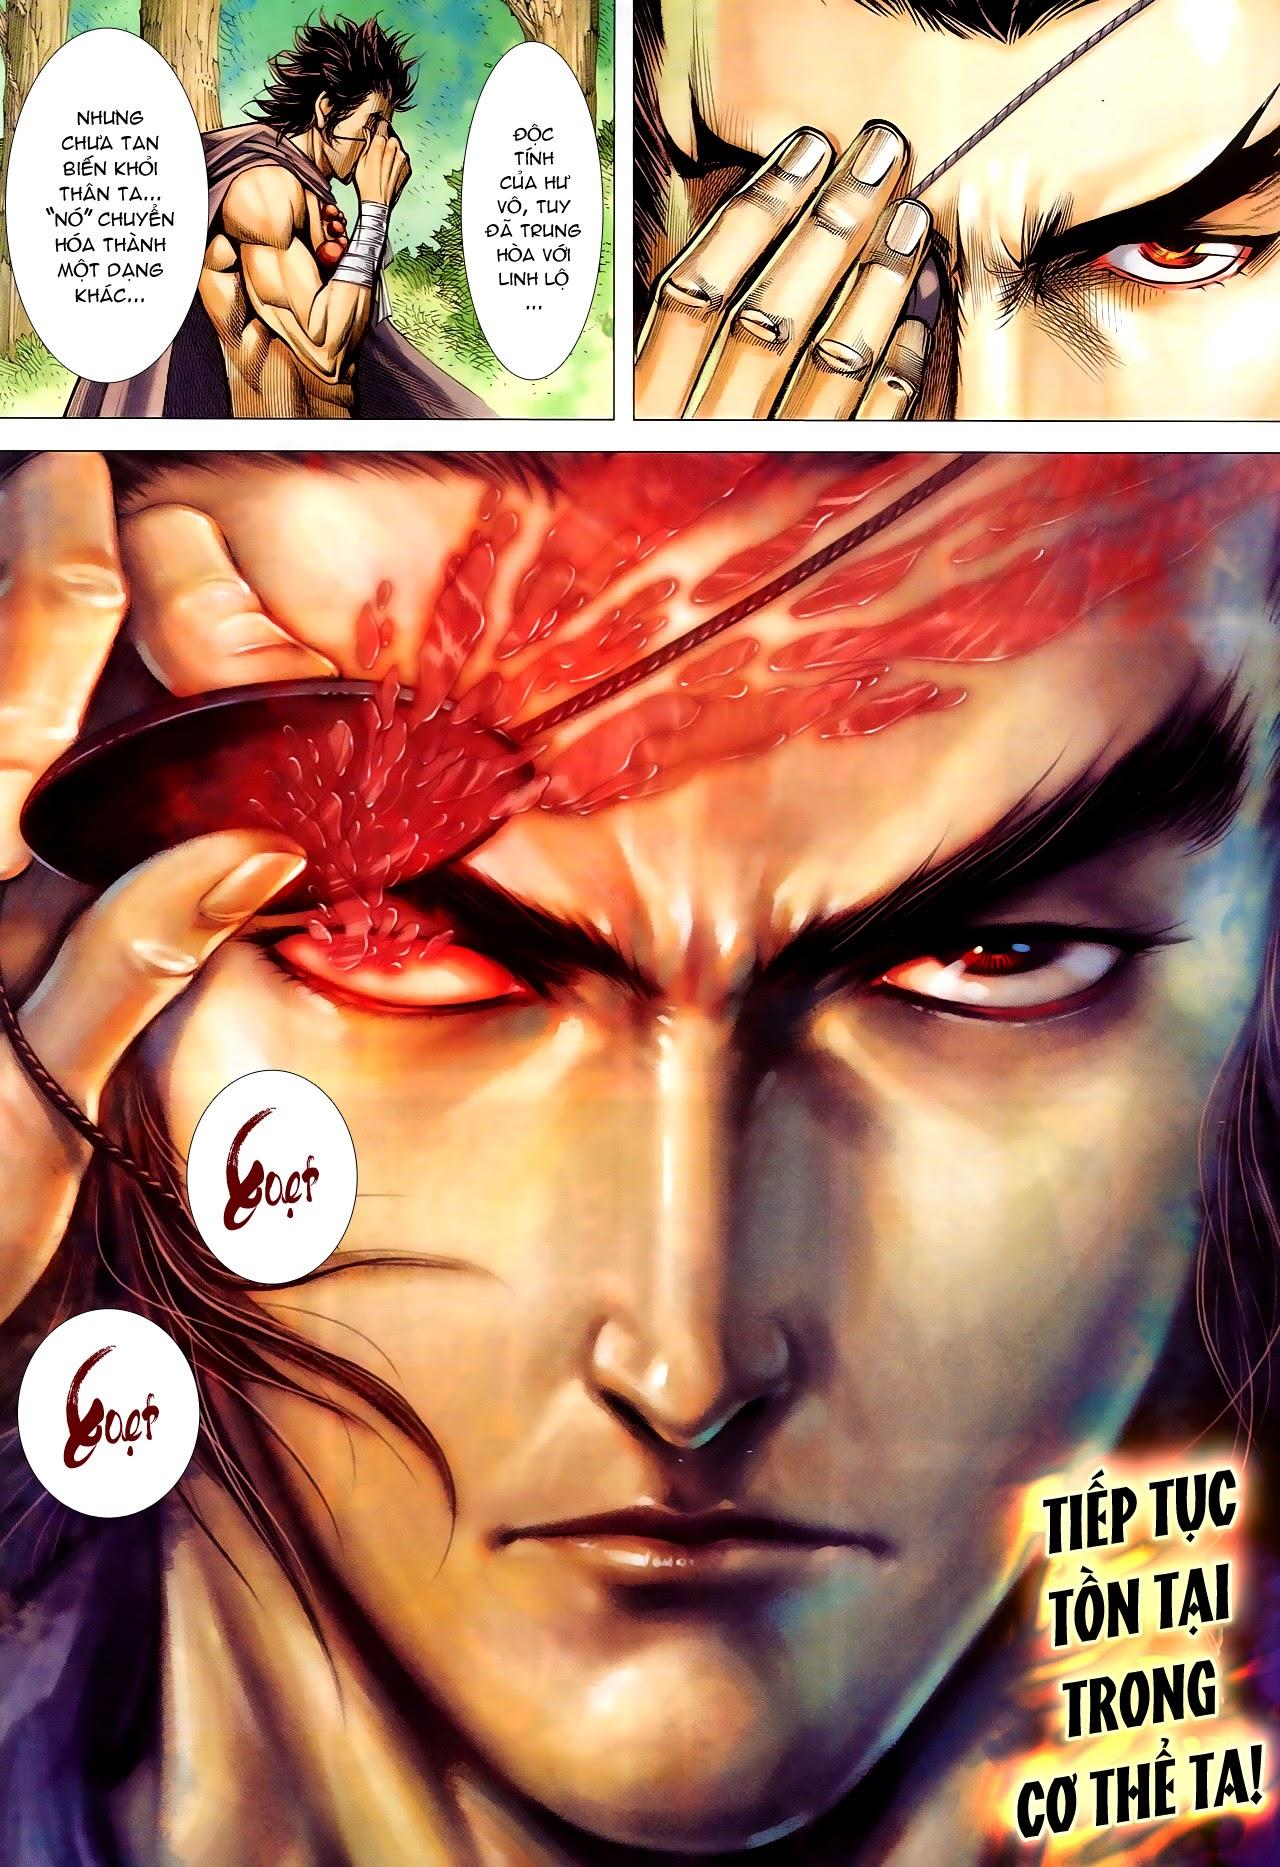 Phong Thần Ký Chap 171 - Trang 12